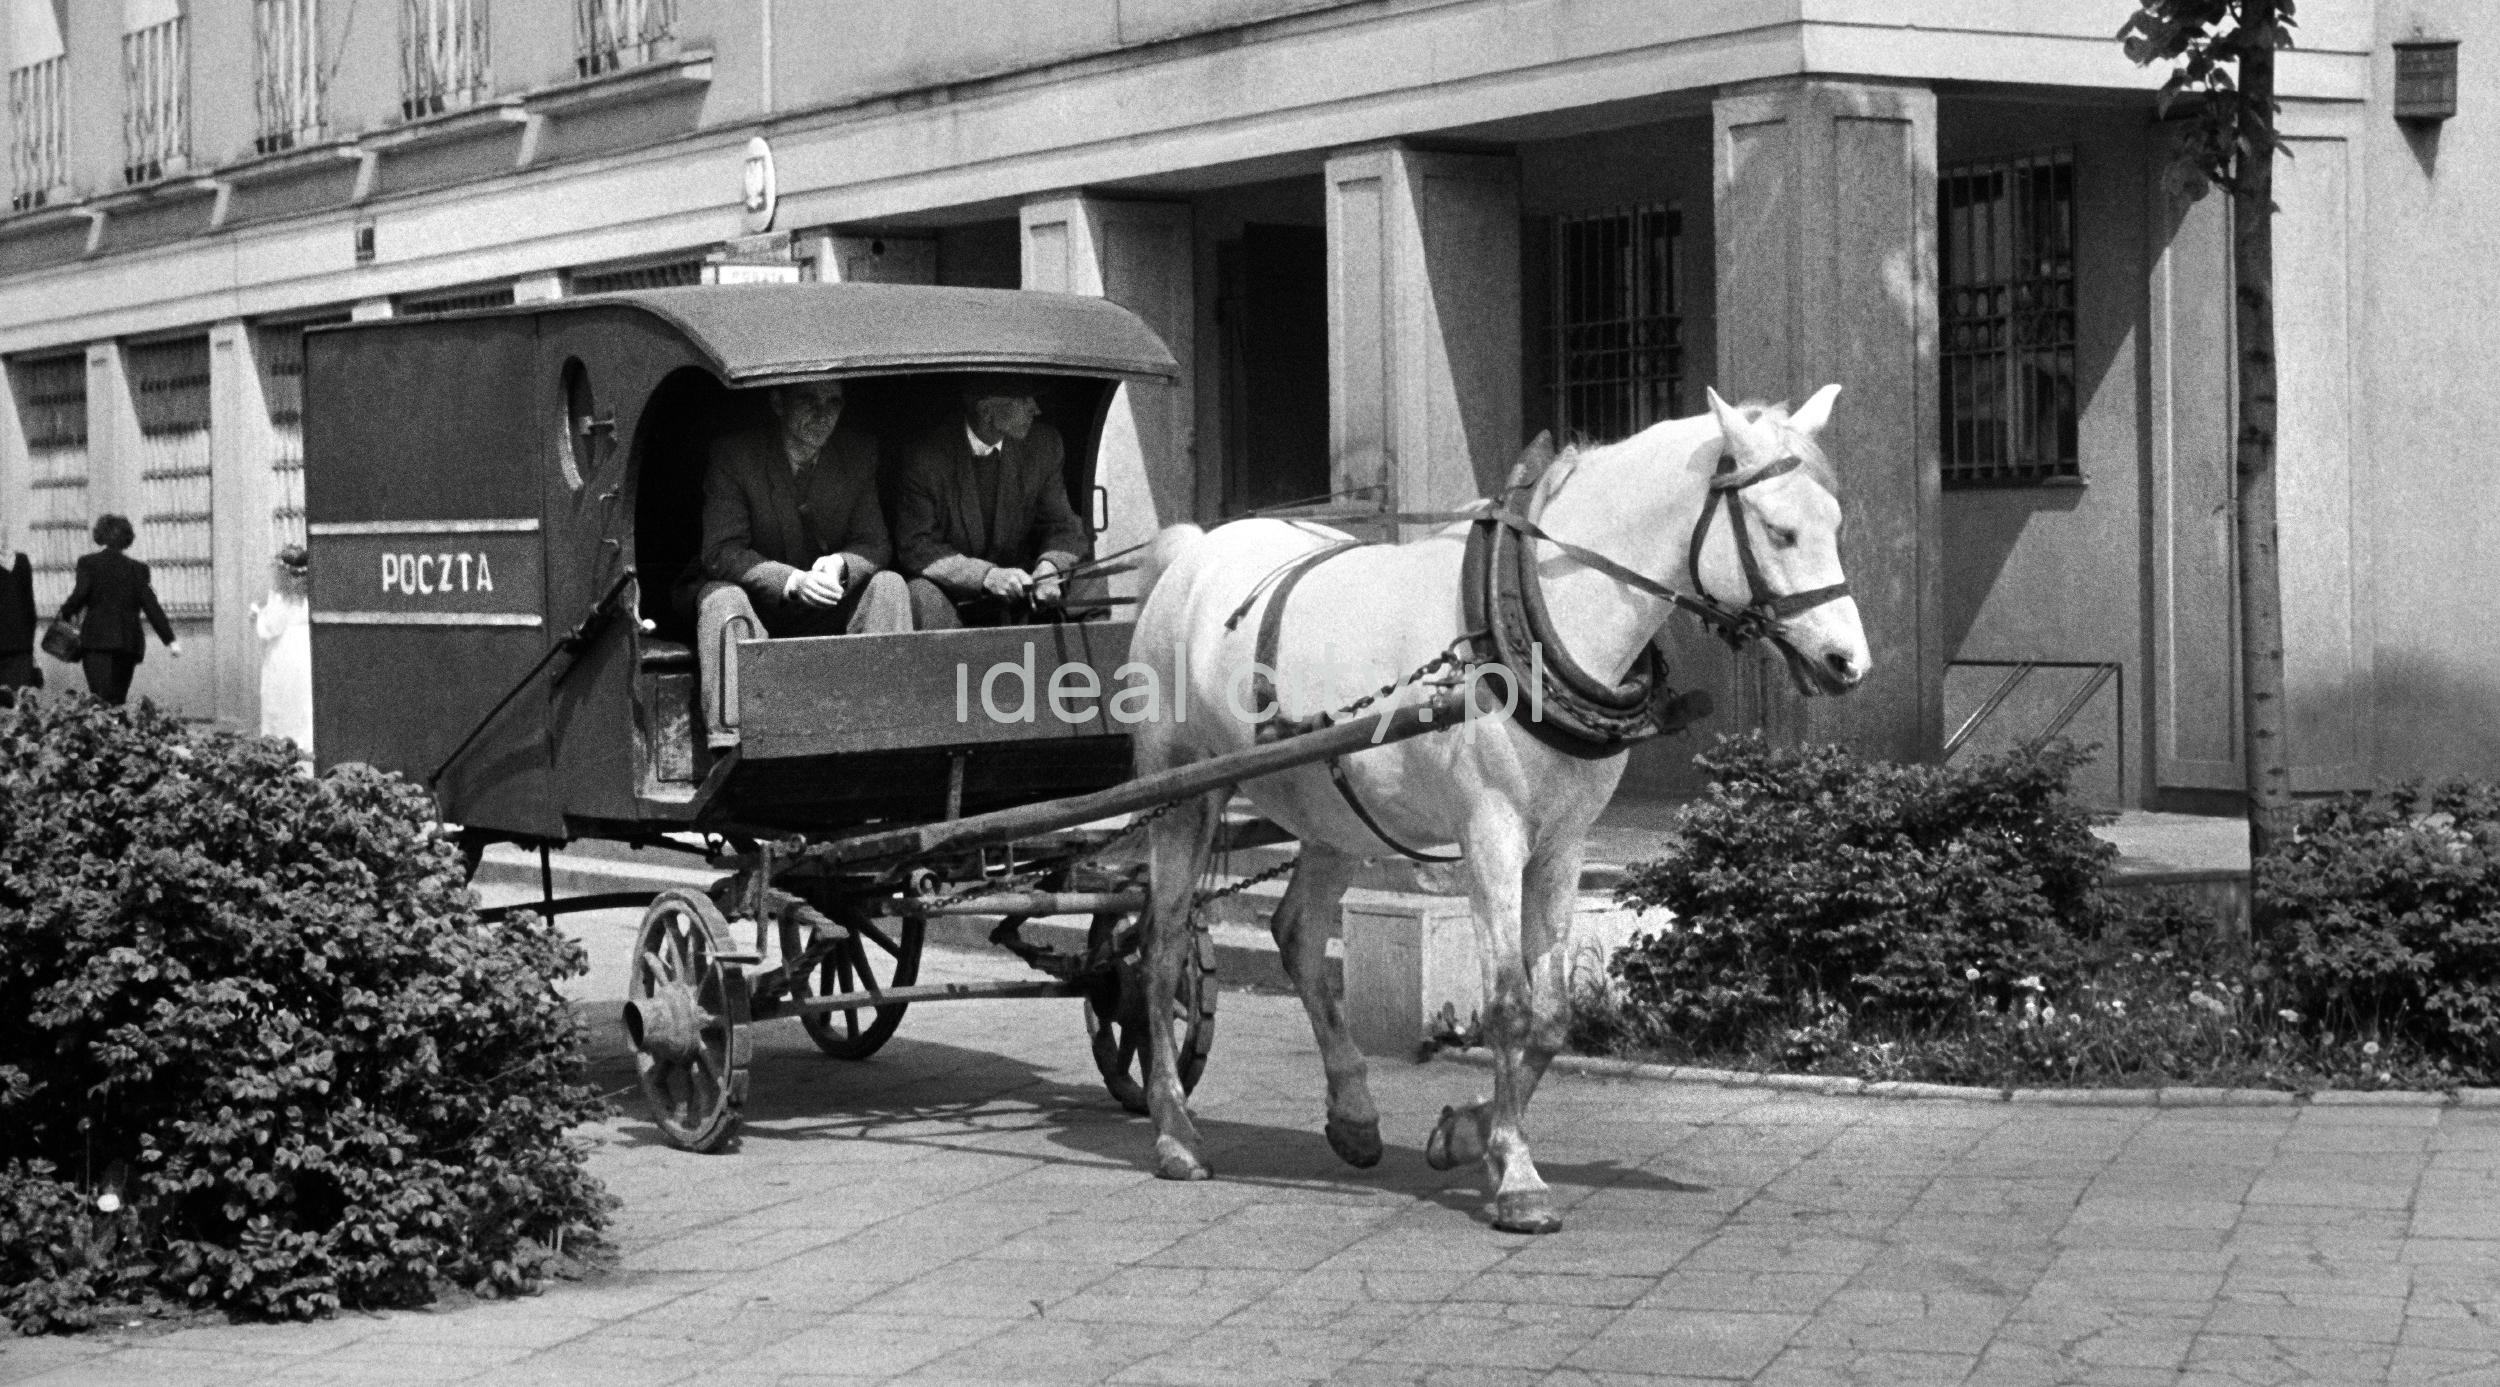 Zadaszona dorożka zaprzęgnięta w białego konia wyjeżdza z chodnika przed budynkiem na jezdnię, w środku widoczni dwaj mężczyźni.